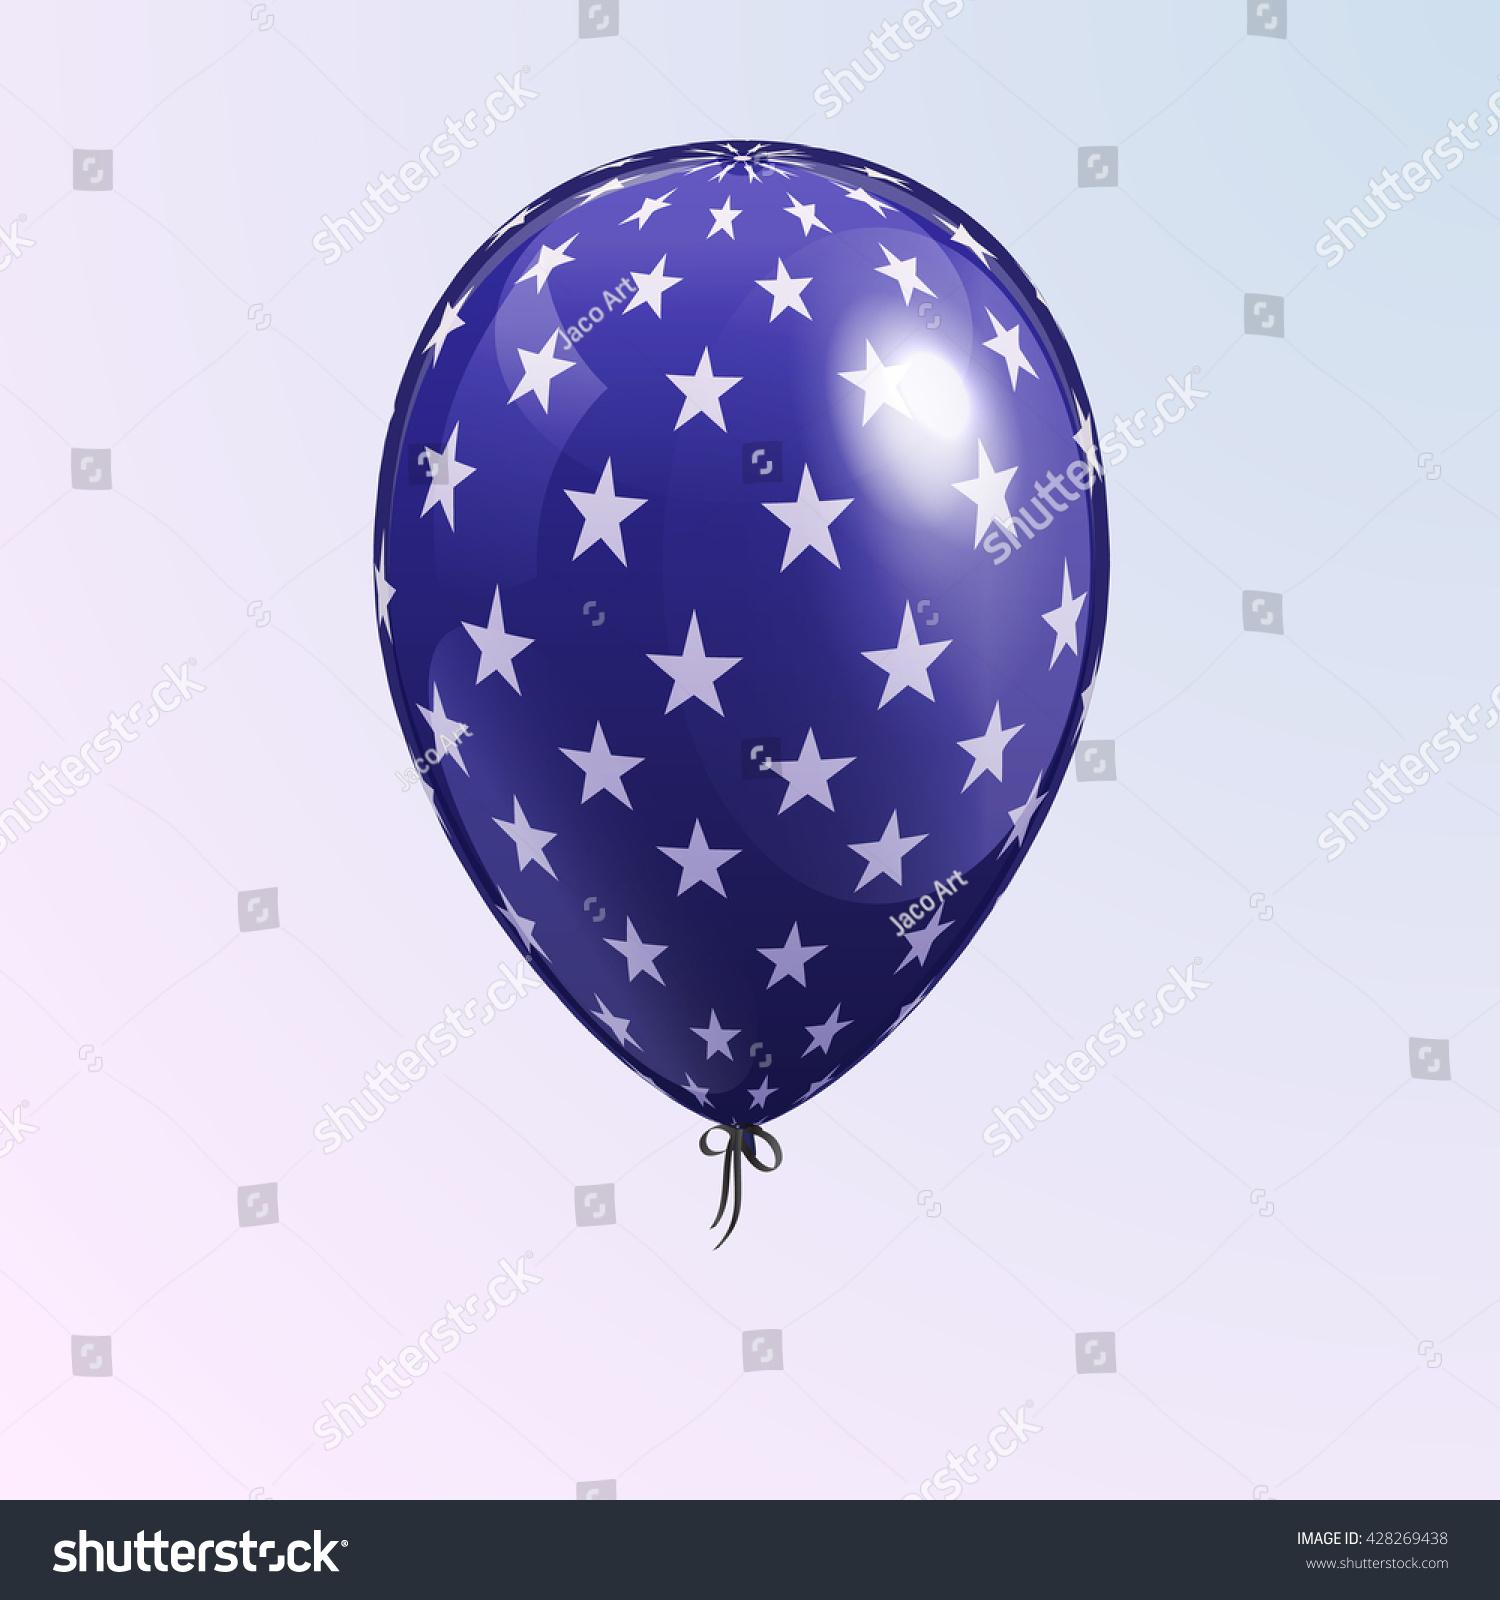 Realistic Balloon American Patriotic Symbols Stock Vector Hd